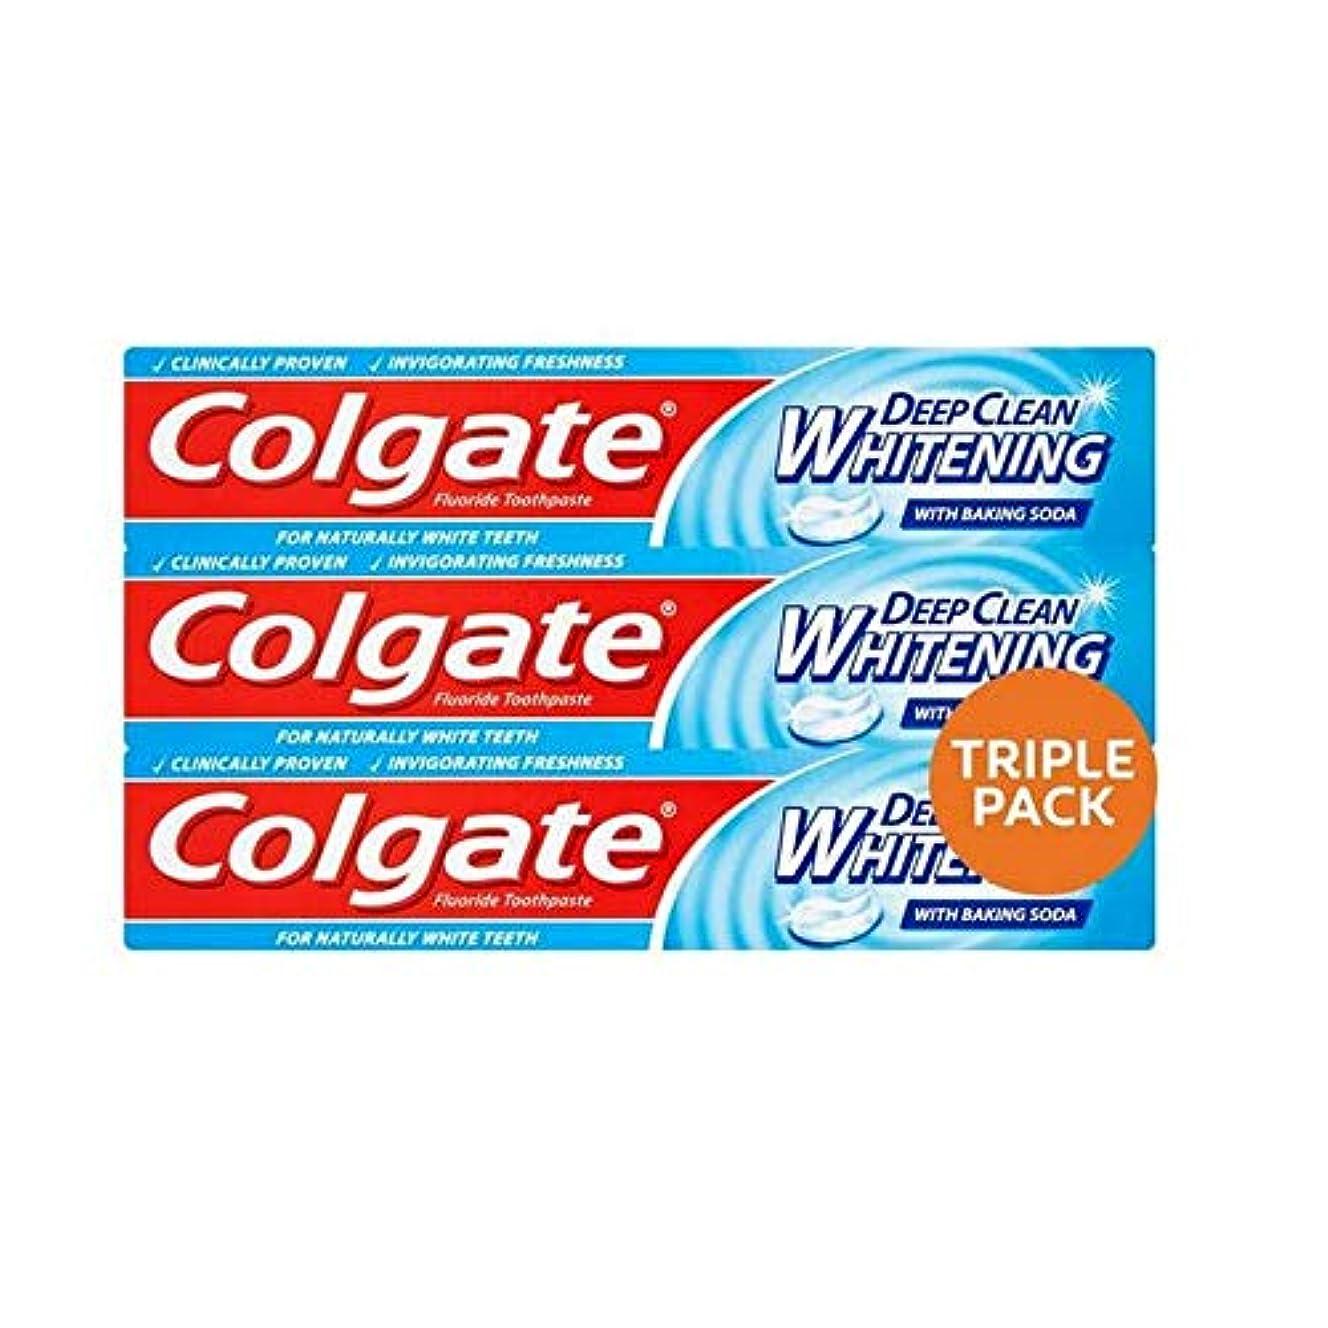 形容詞合唱団市民[Colgate ] コルゲート深いクリーンホワイトニング歯磨きトリプルパック3×75ミリリットル - Colgate Deep Clean Whitening Toothpaste Triple Pack 3 x 75ml...